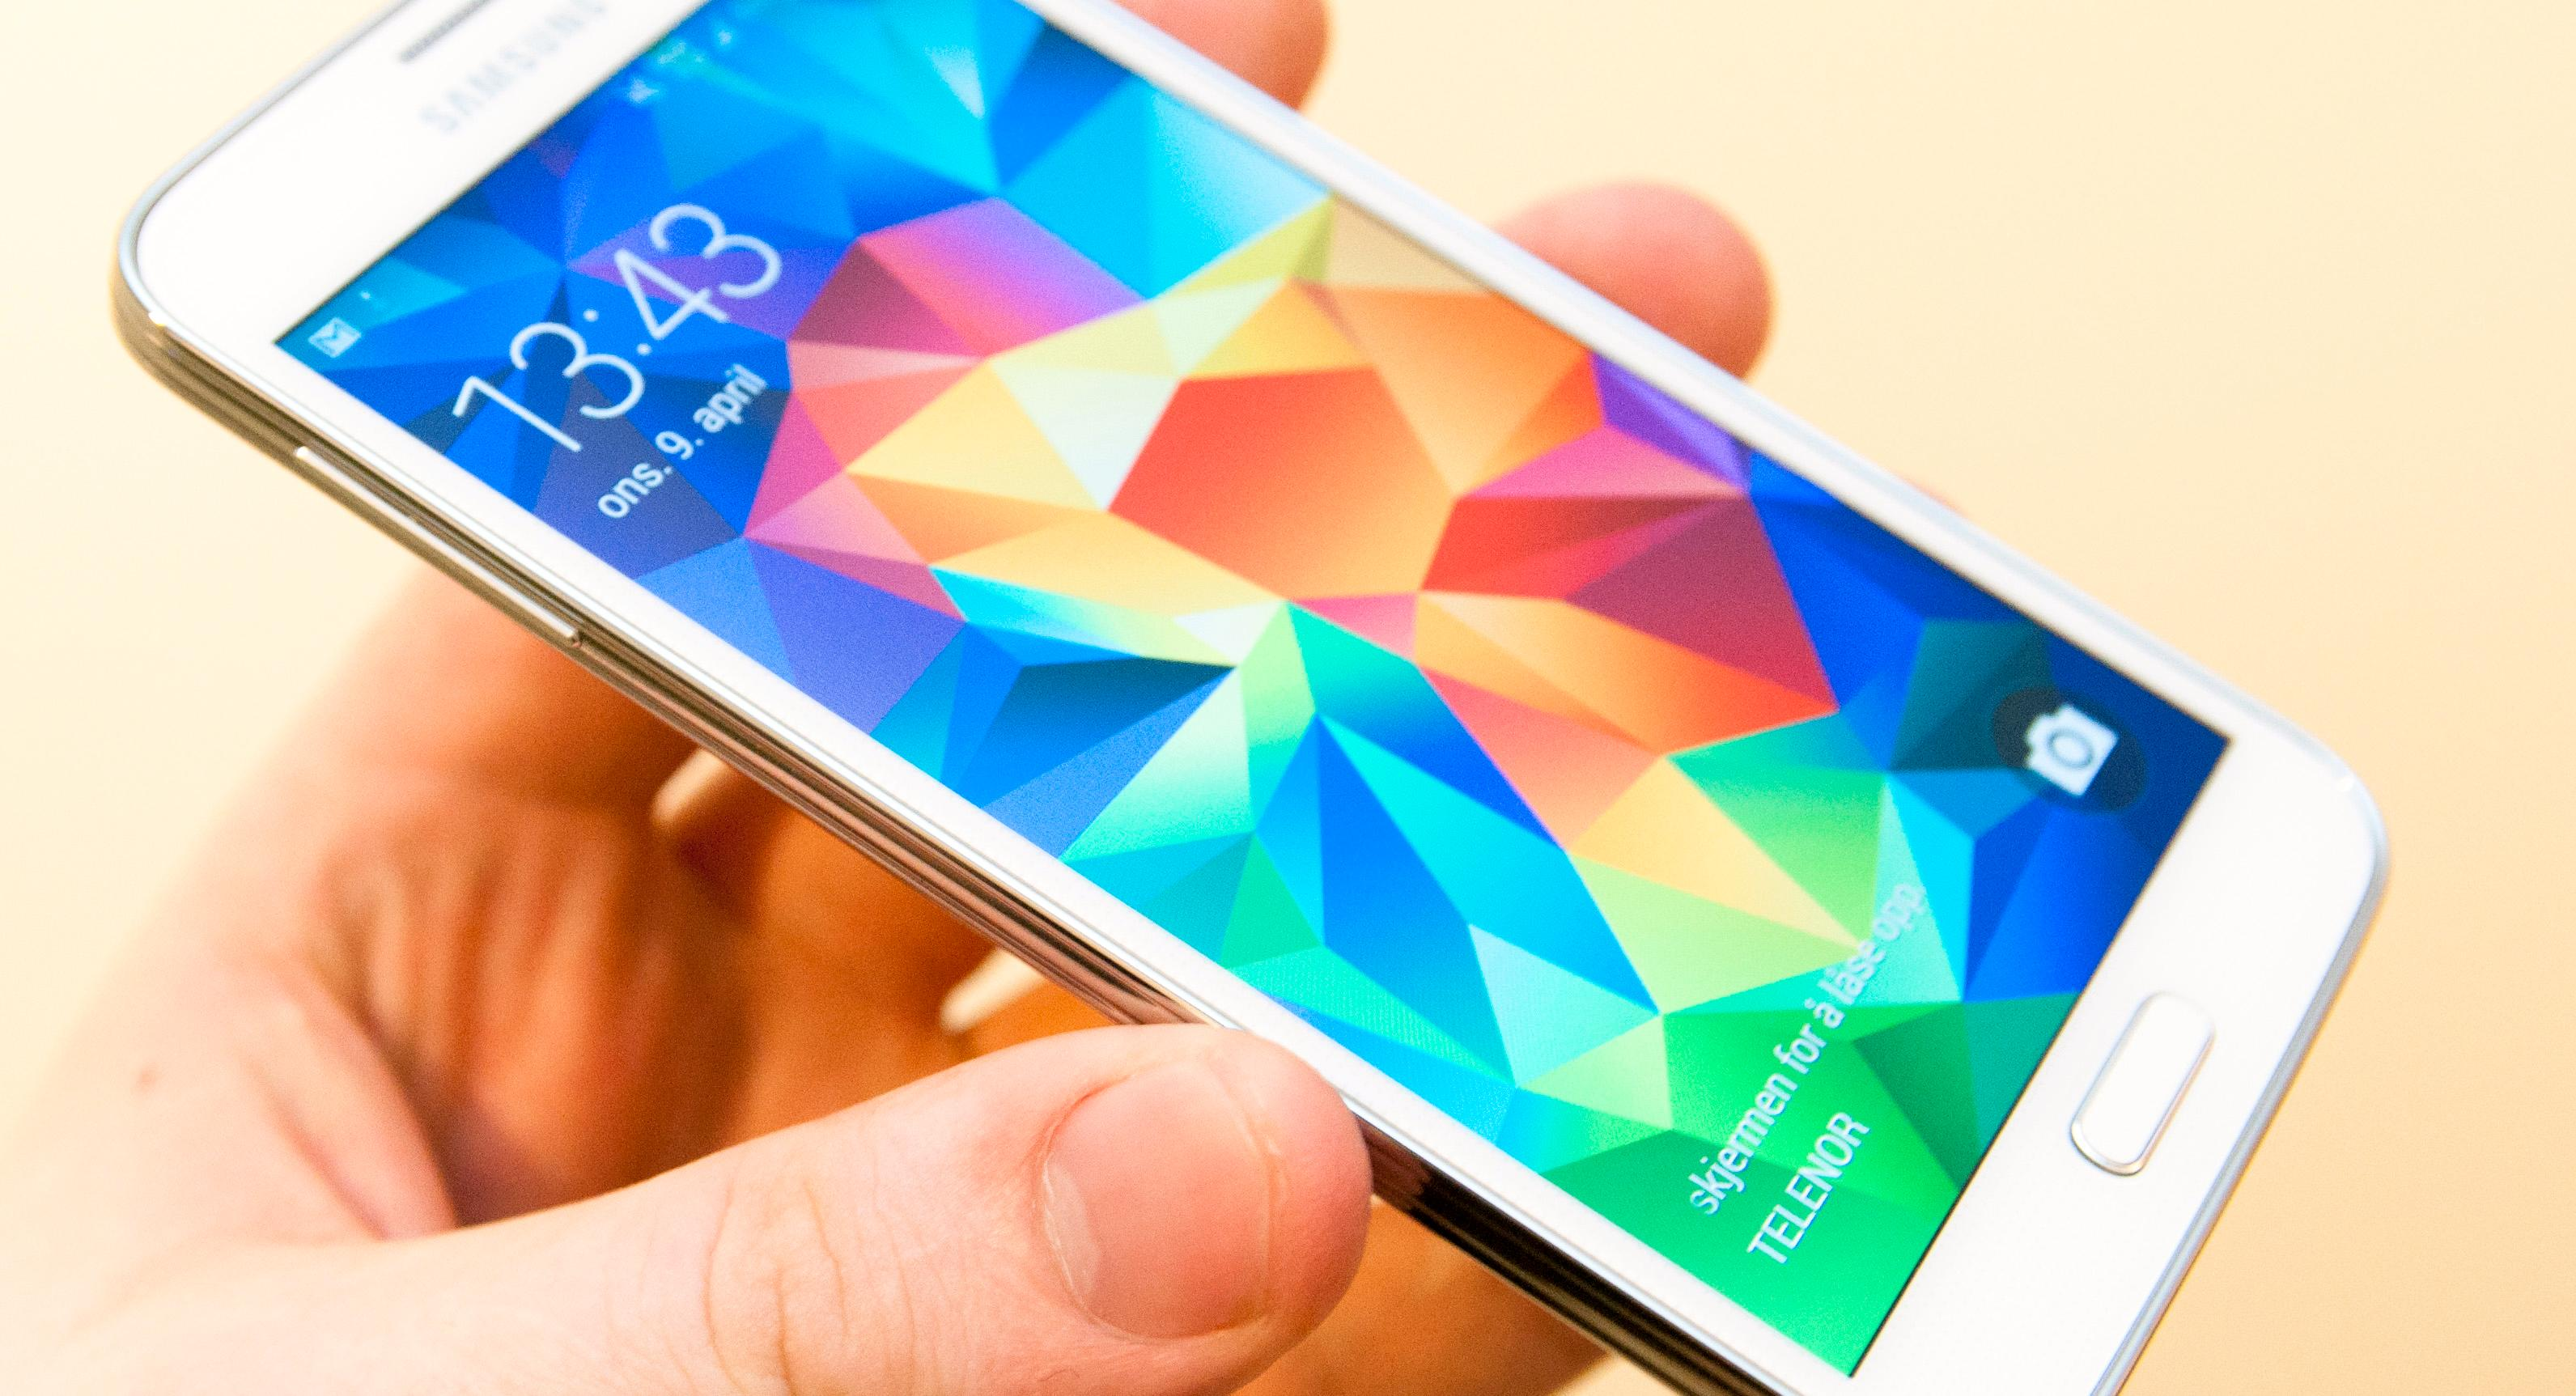 Originalen: Samsung har tatt over betydelige deler av mobilmarkedet med Galaxy-telefonene sine, men får støtt litt pepper for bruken av plast.Foto: Finn Jarle Kvalheim, Amobil.no